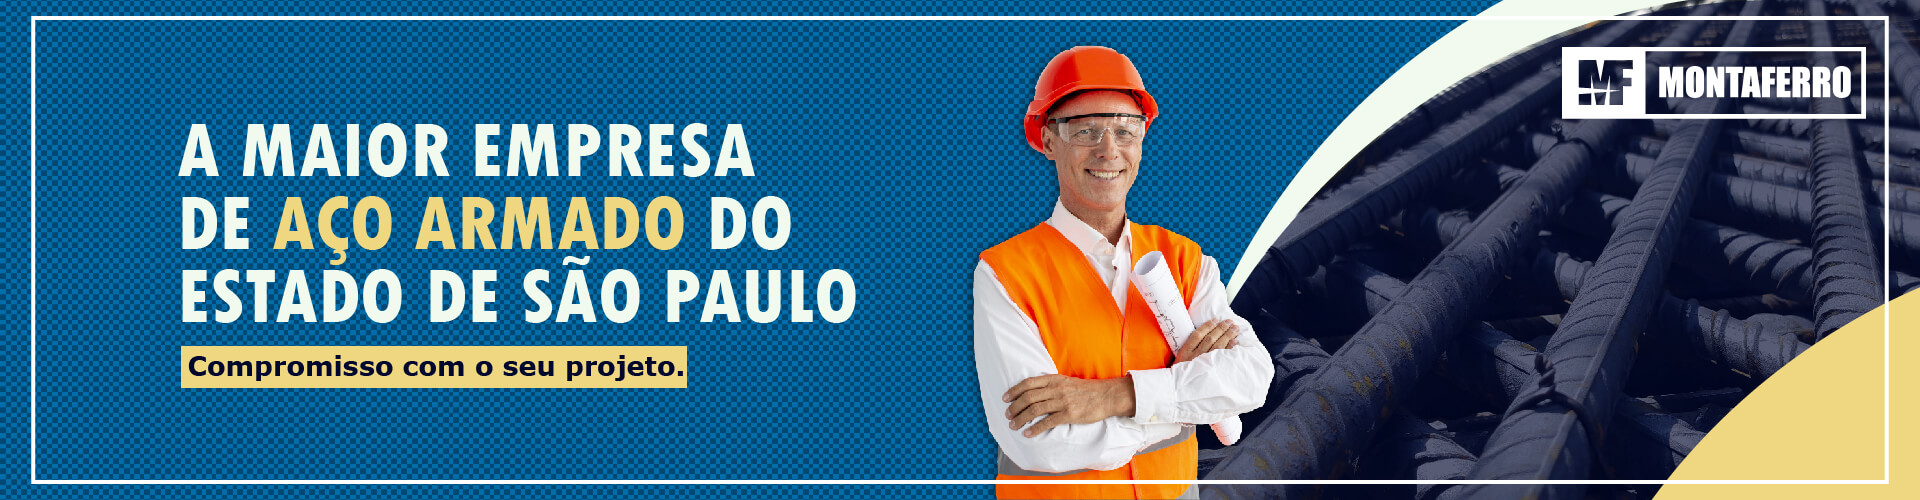 A maior empresa de Açõ Armado do Estado de São Paulo